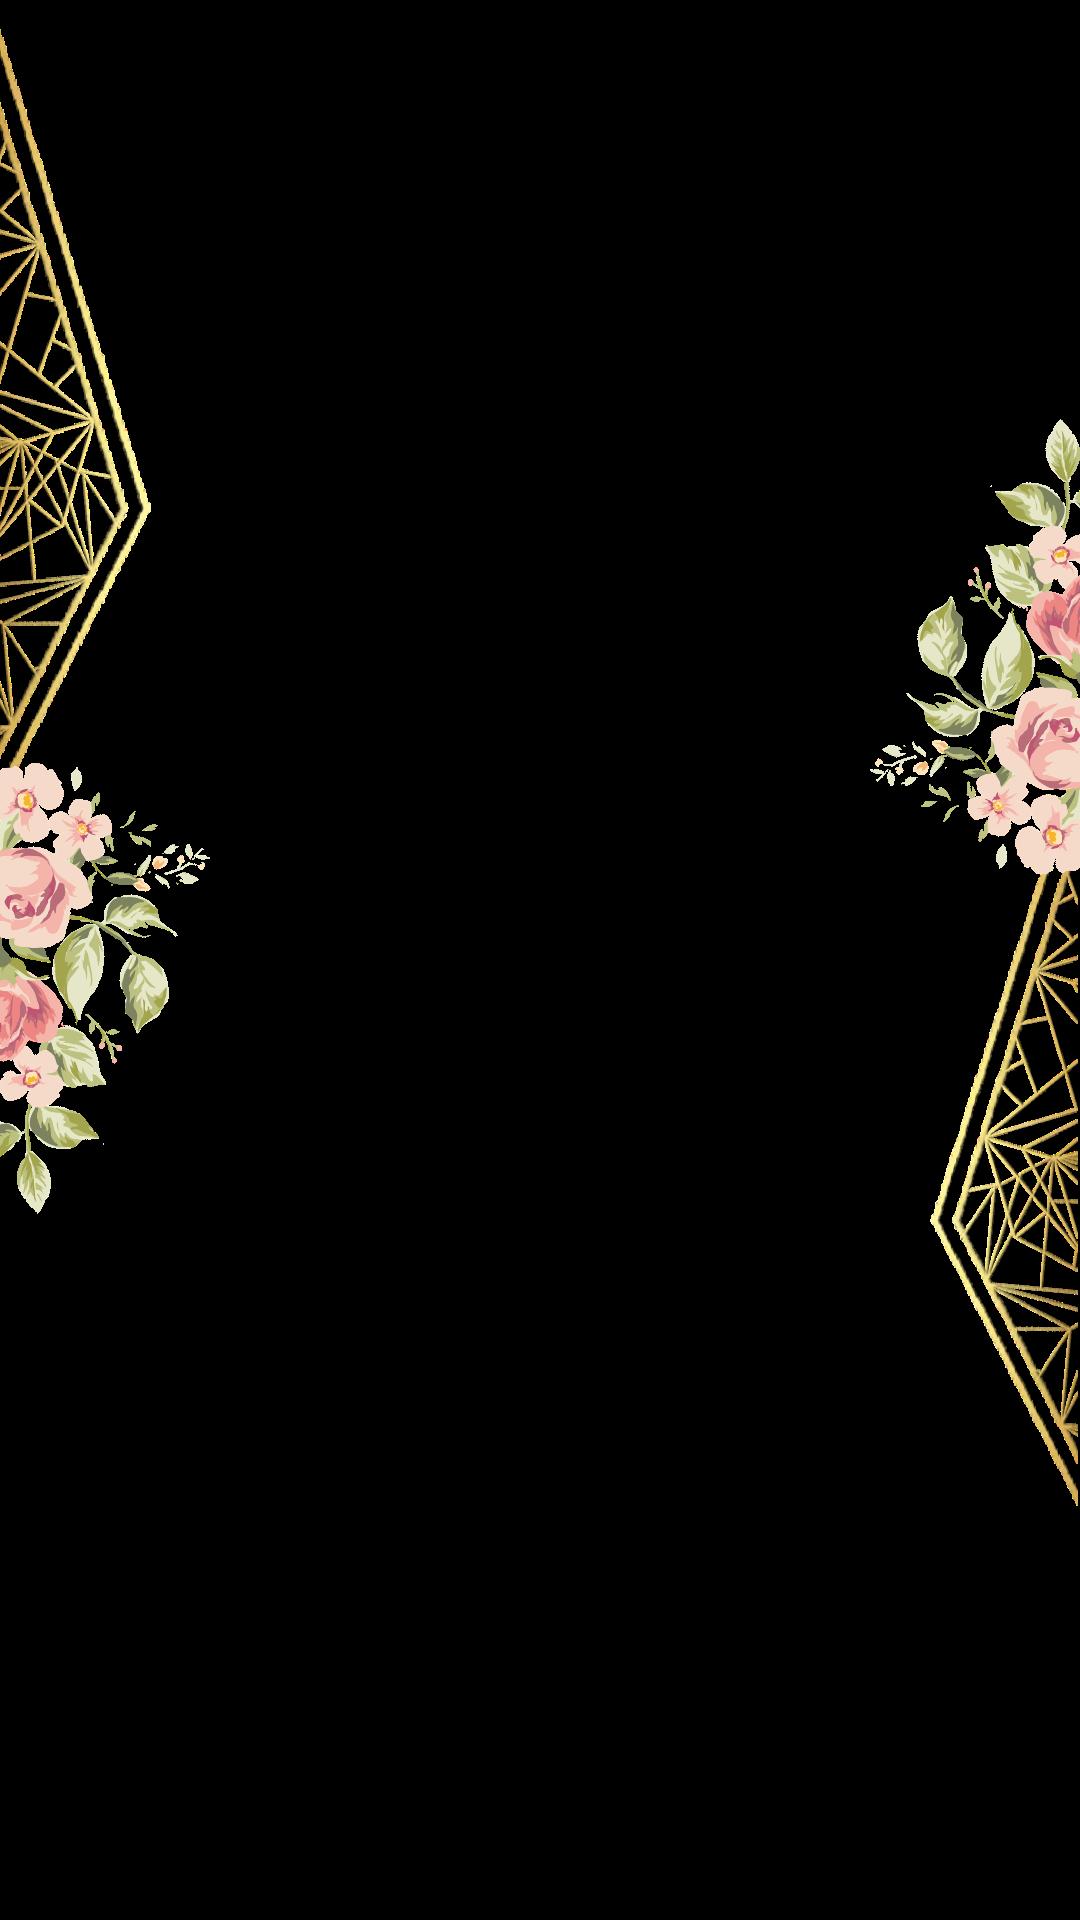 Freetoedit فلتر ميش Freetoedit Remixit Poster Background Design Flower Graphic Design Vintage Floral Backgrounds